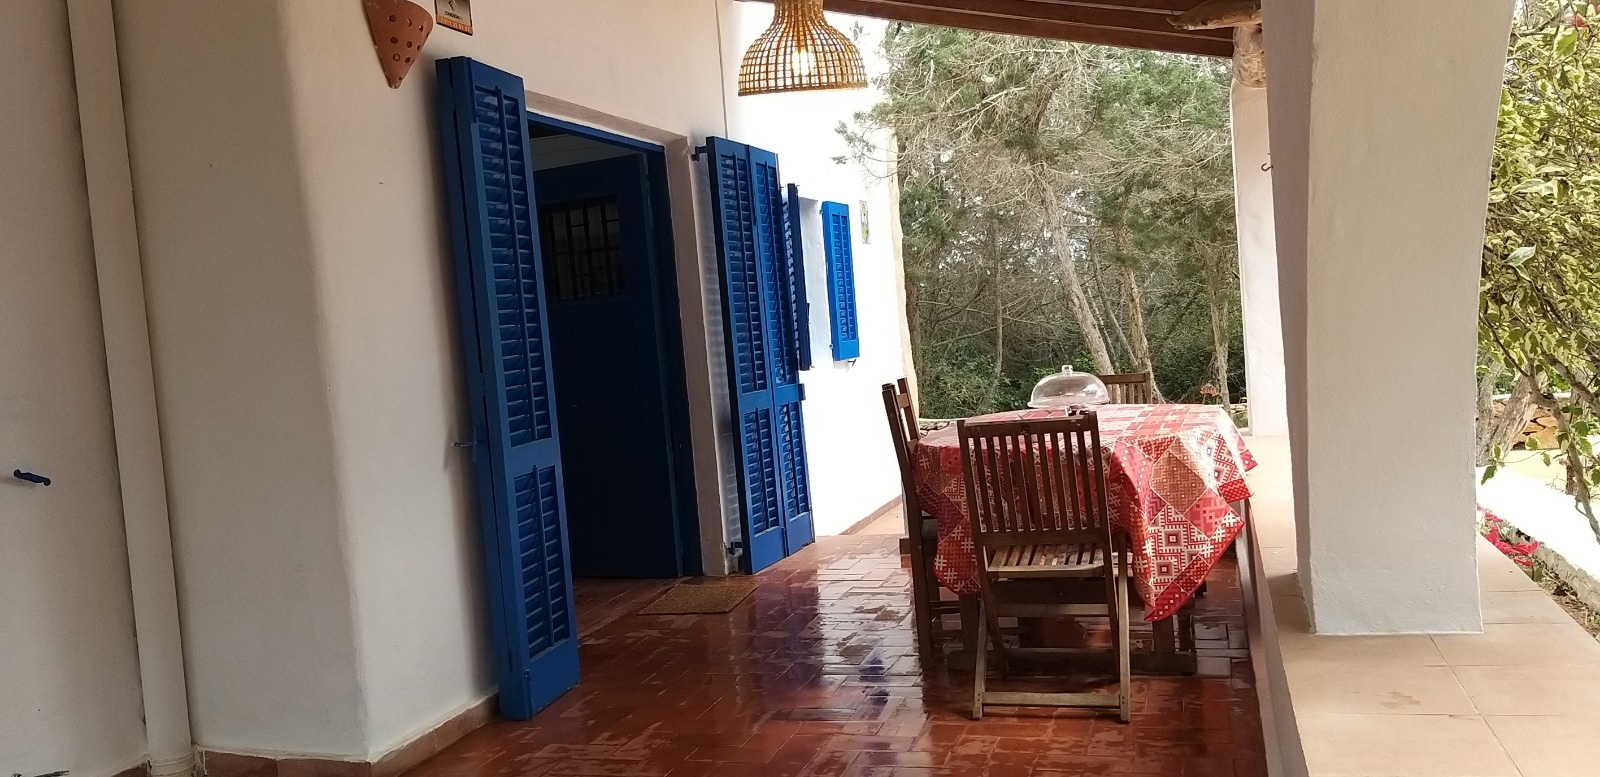 Alquiler Casa  Formentera. Alquiler temporada en formentera casa con piscina privada